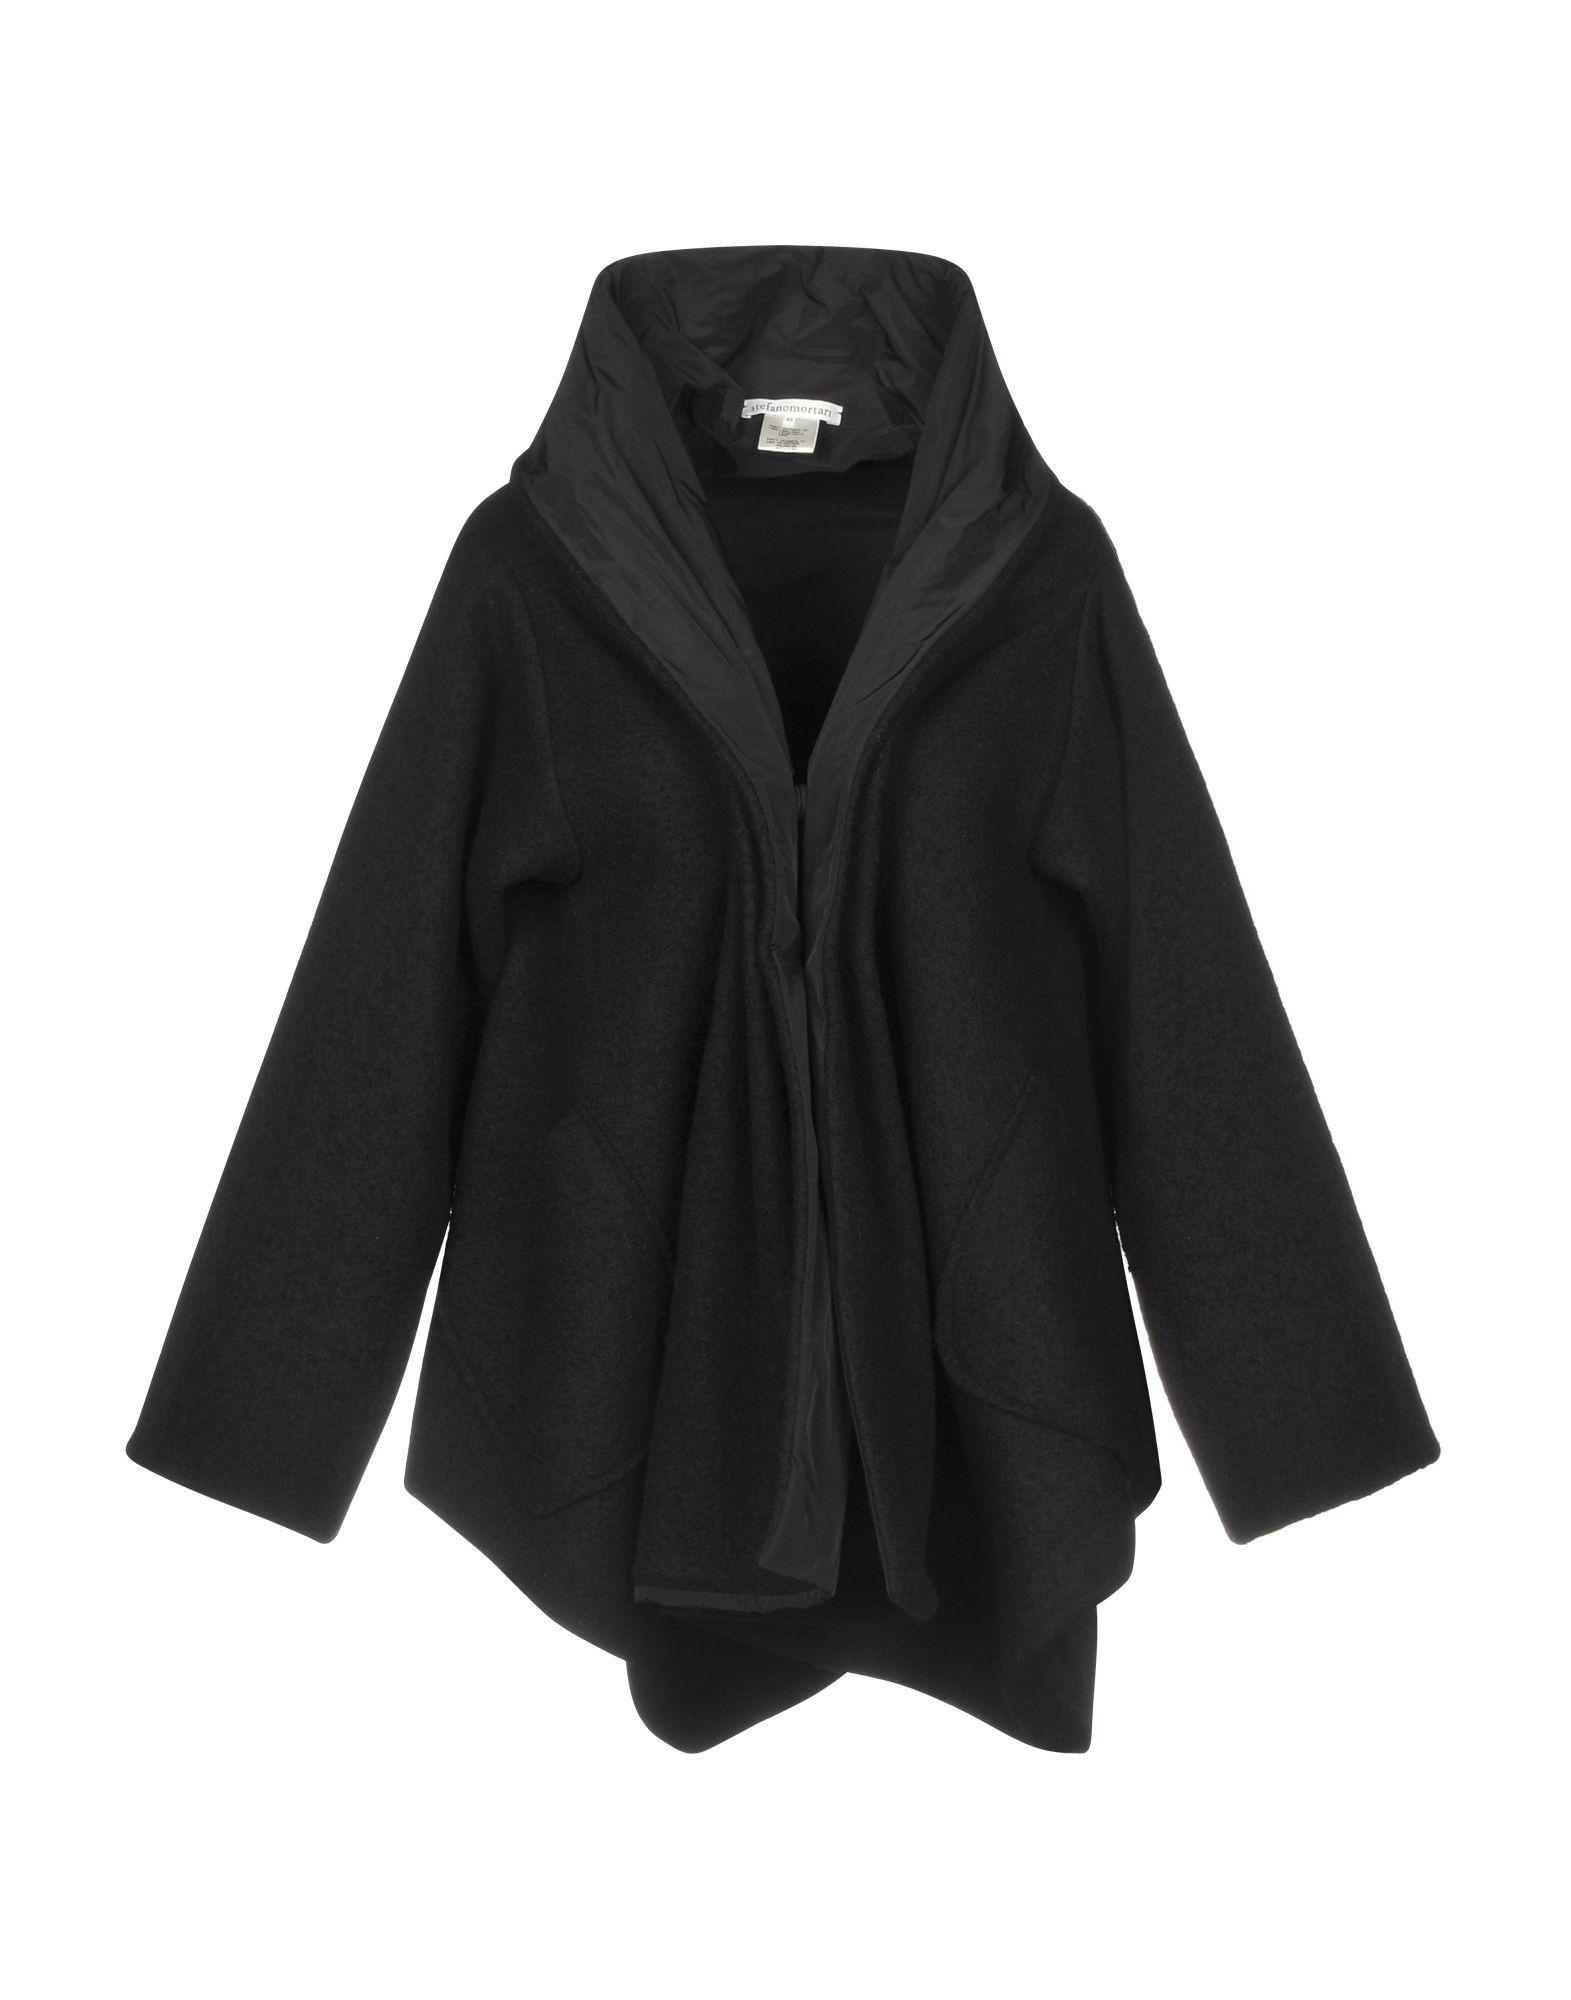 《期間限定セール開催中!》STEFANO MORTARI レディース コート ブラック 42 ウール 100% / ポリエステル